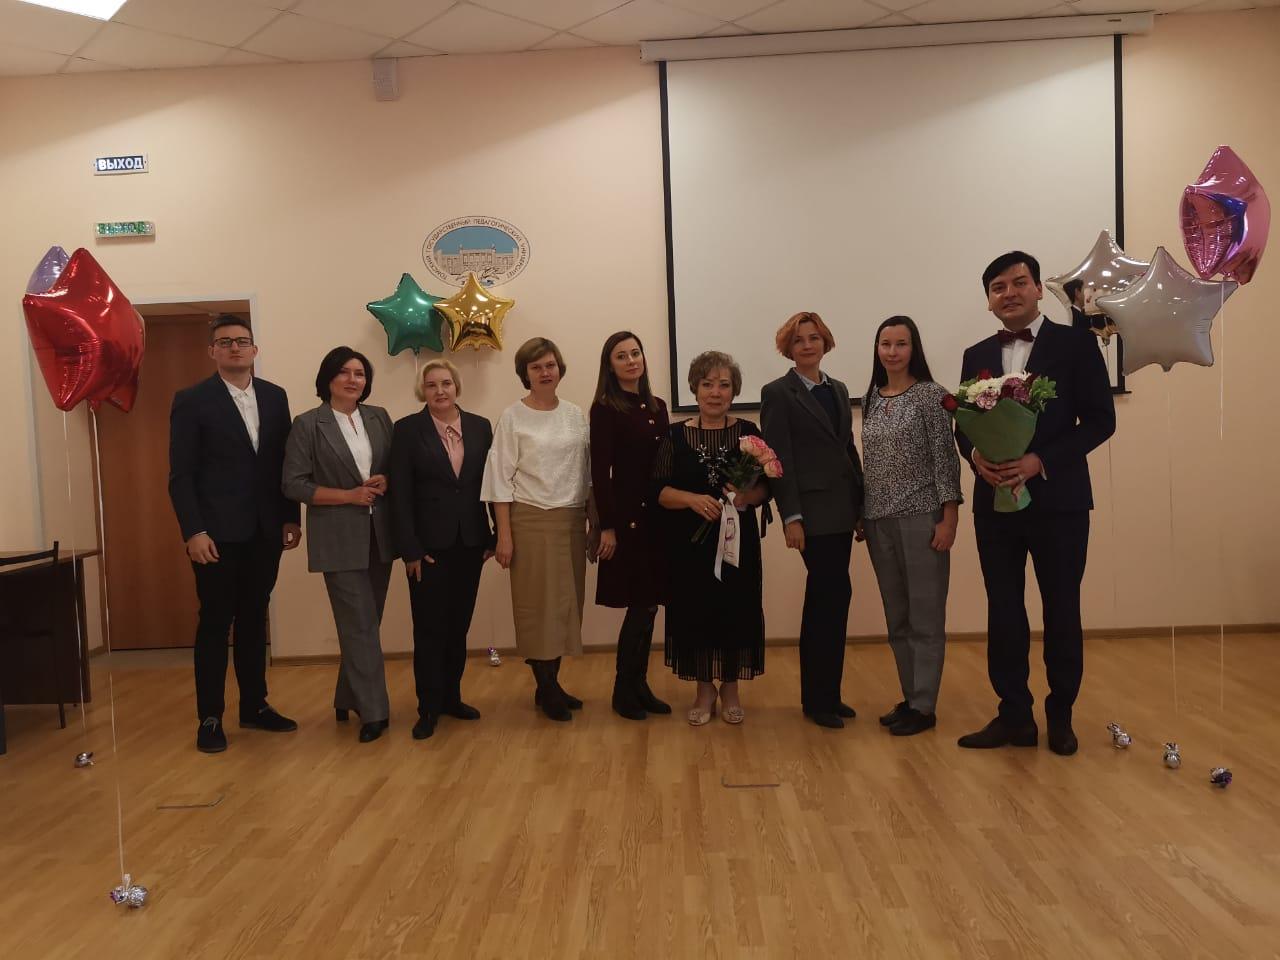 Ярослав Дмитриевич Игна представил ФИЯ на конкурсе